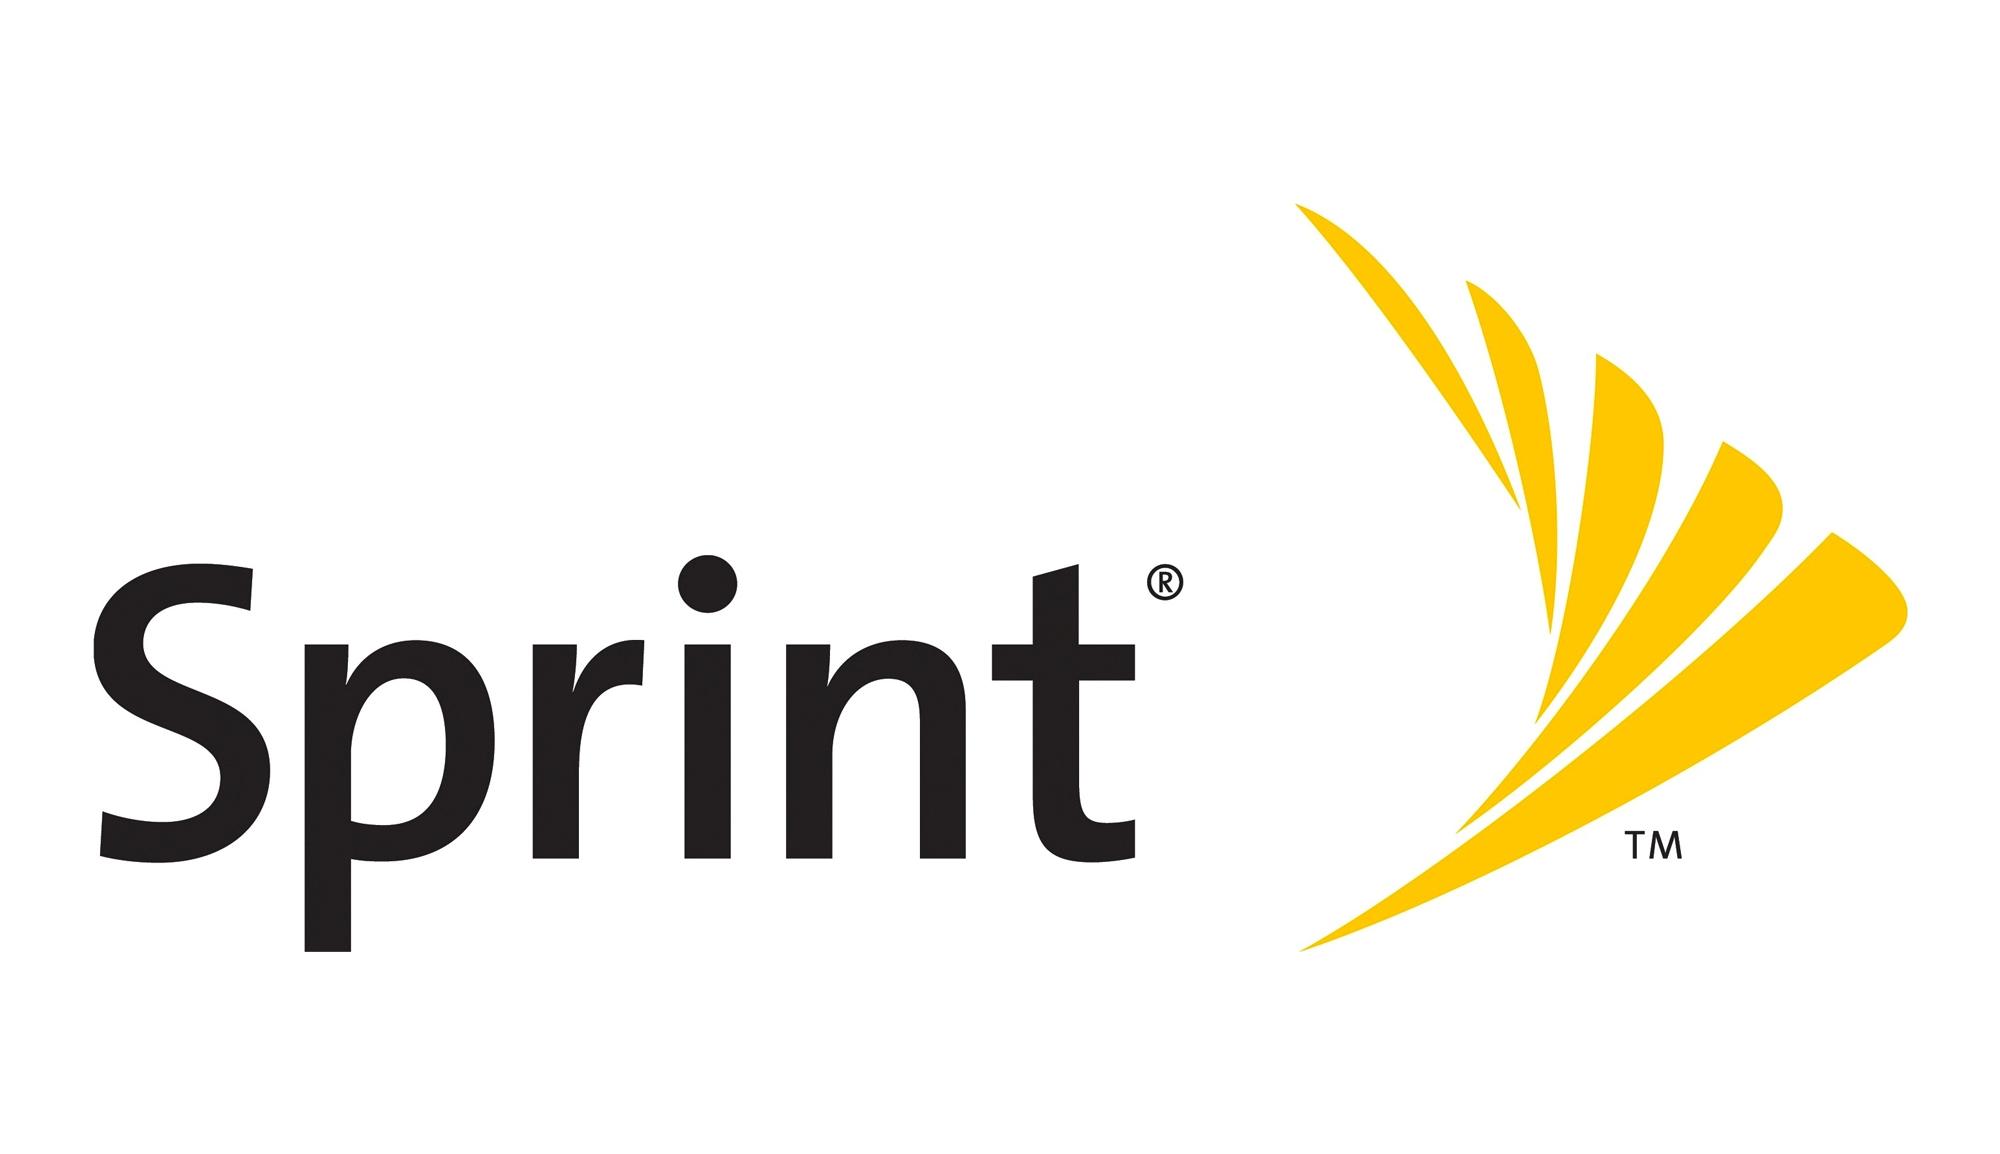 Sprint company logo